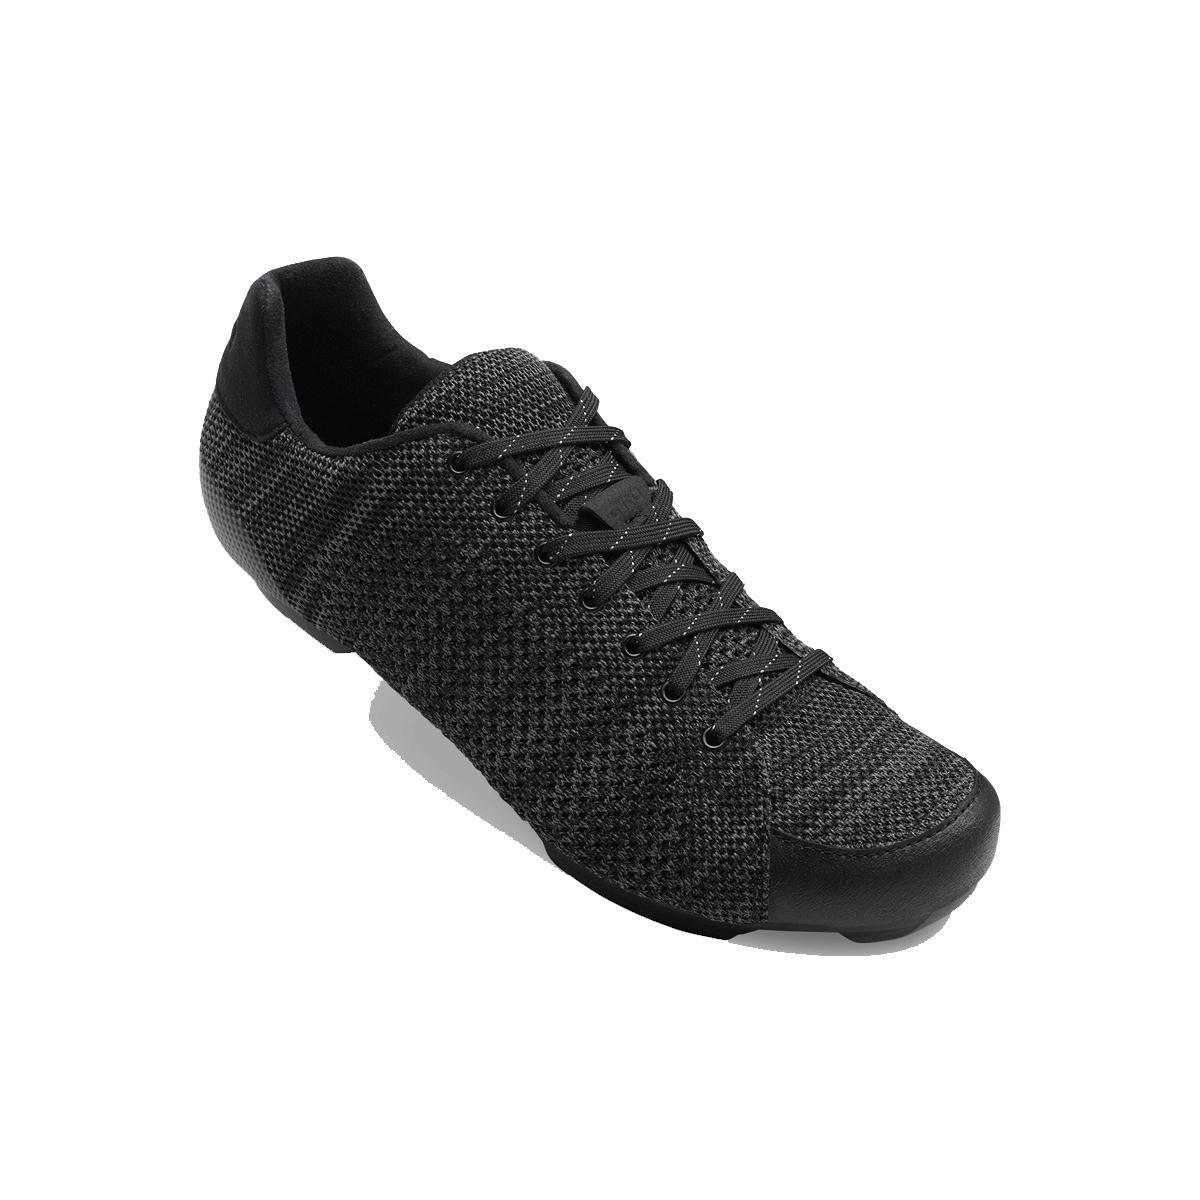 Giro Men's Republic R Knit Road Cycling Shoes